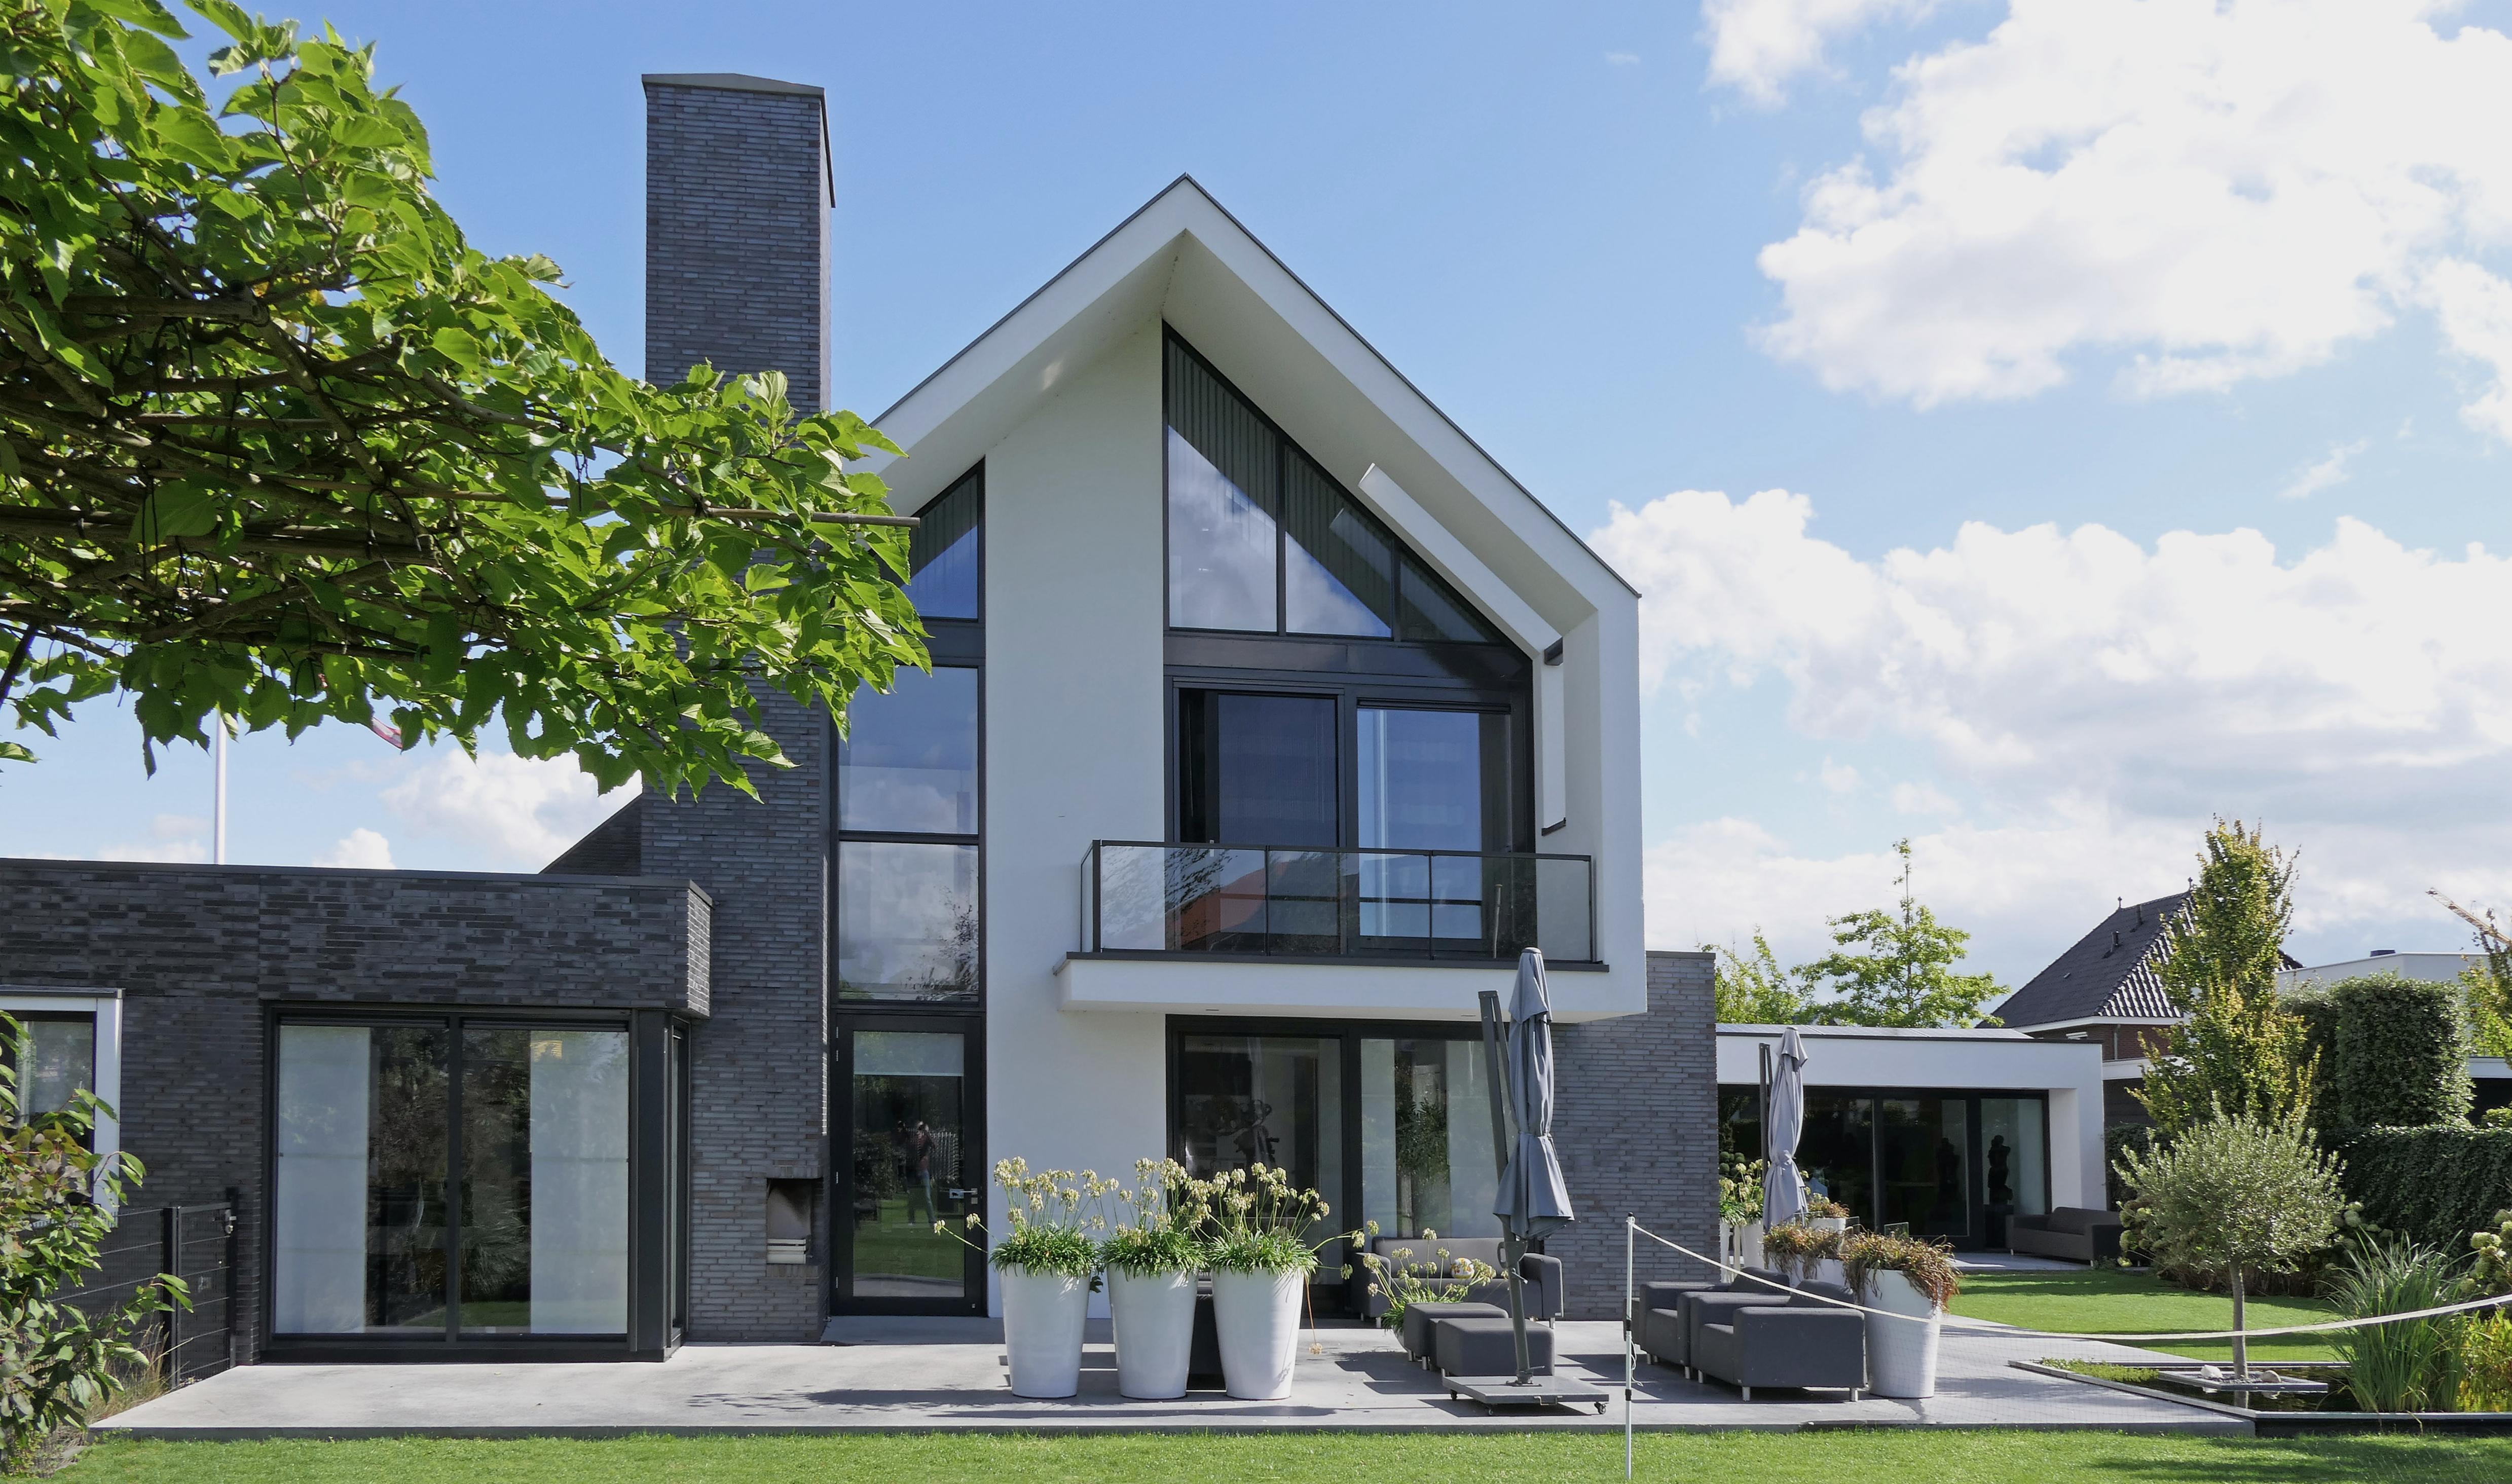 Stijl architectuur - Ontwerp - Villa Klink